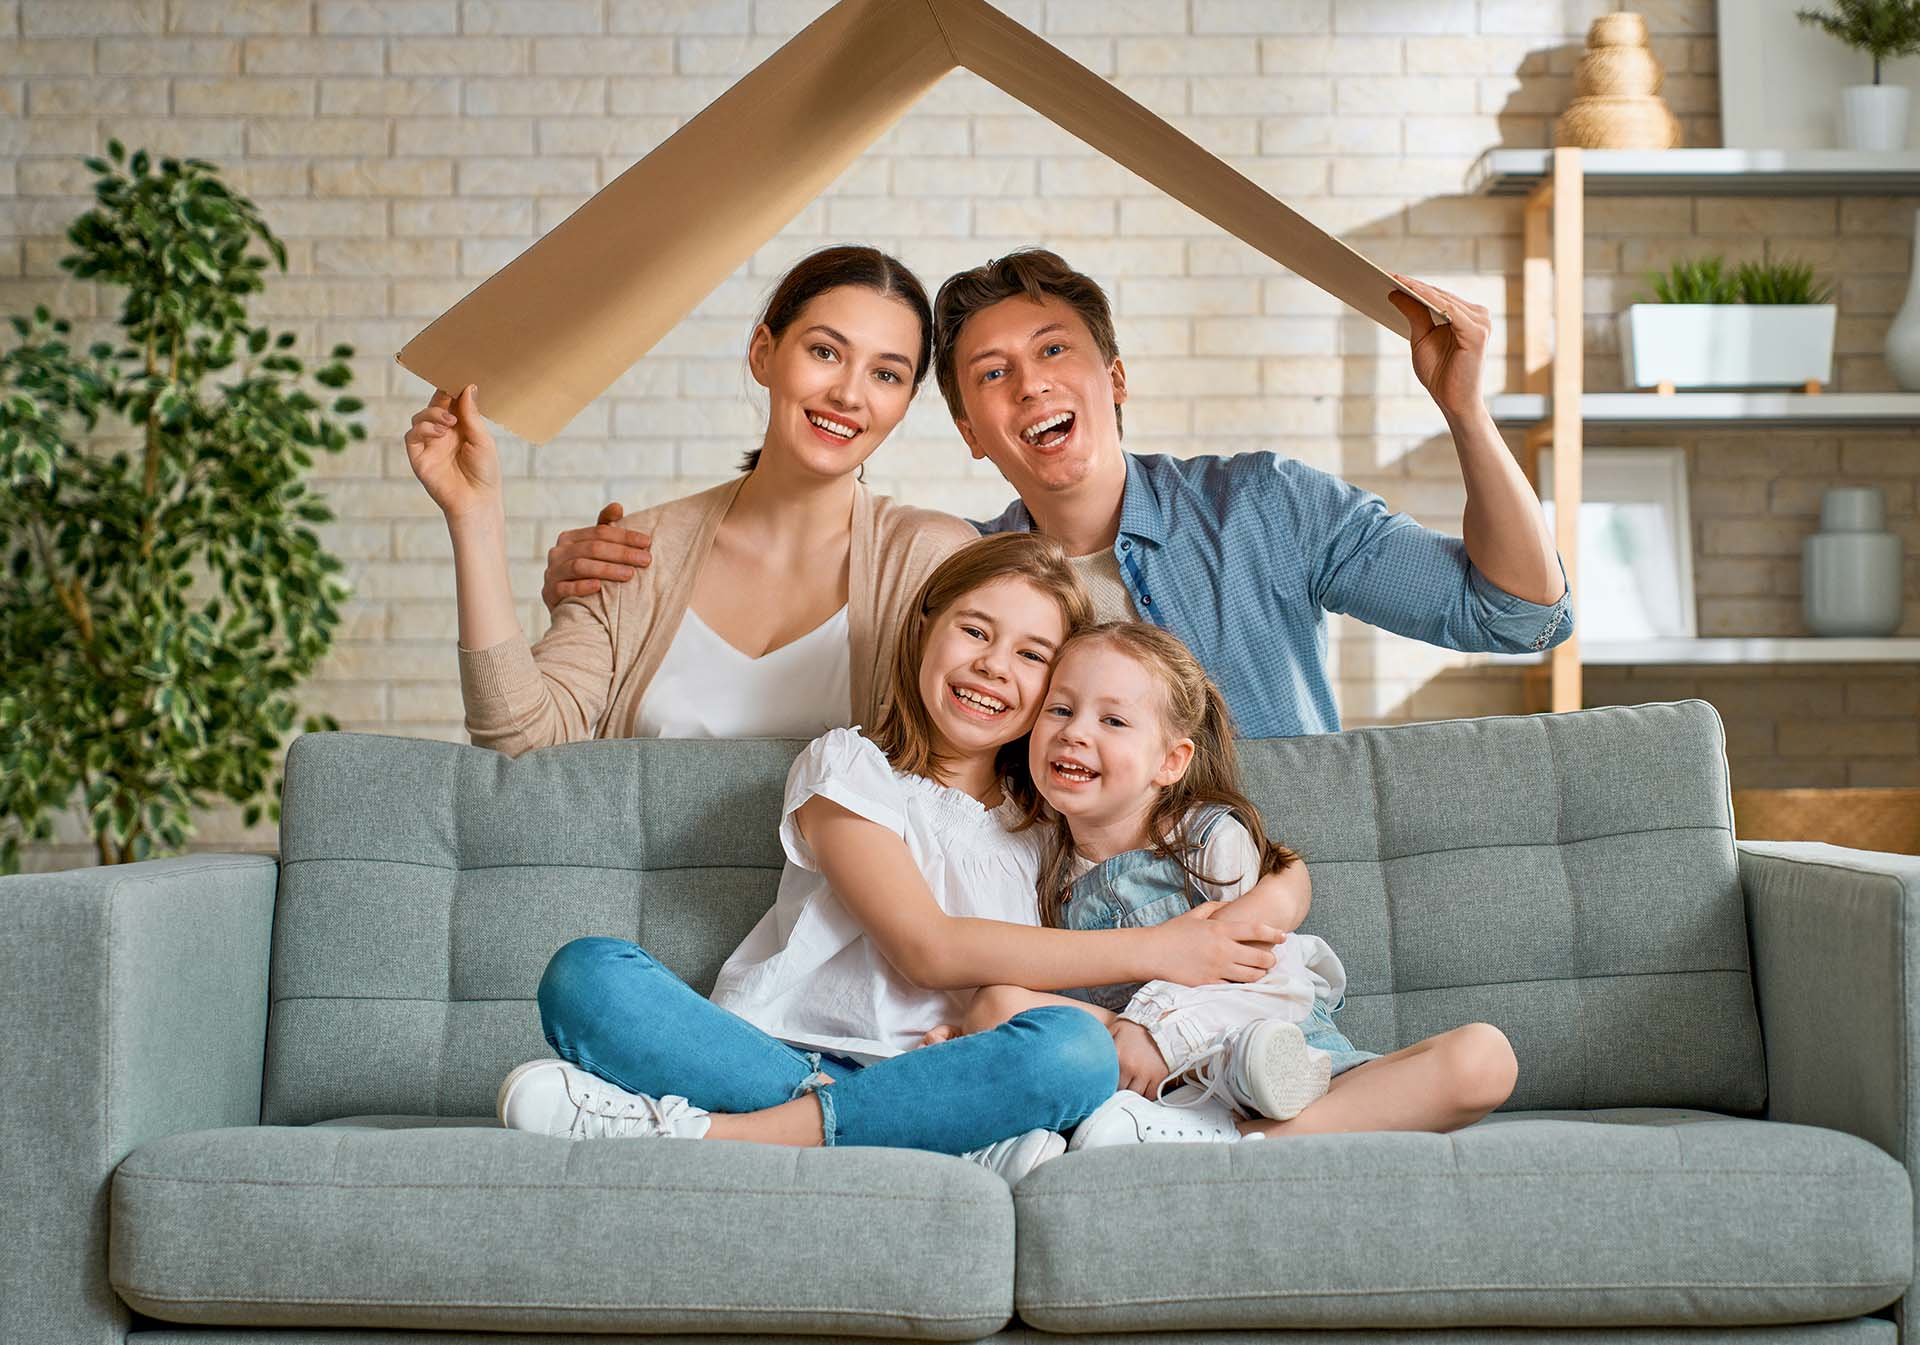 Mi mindent tudhat egy lakásbiztosítás - 1. rész